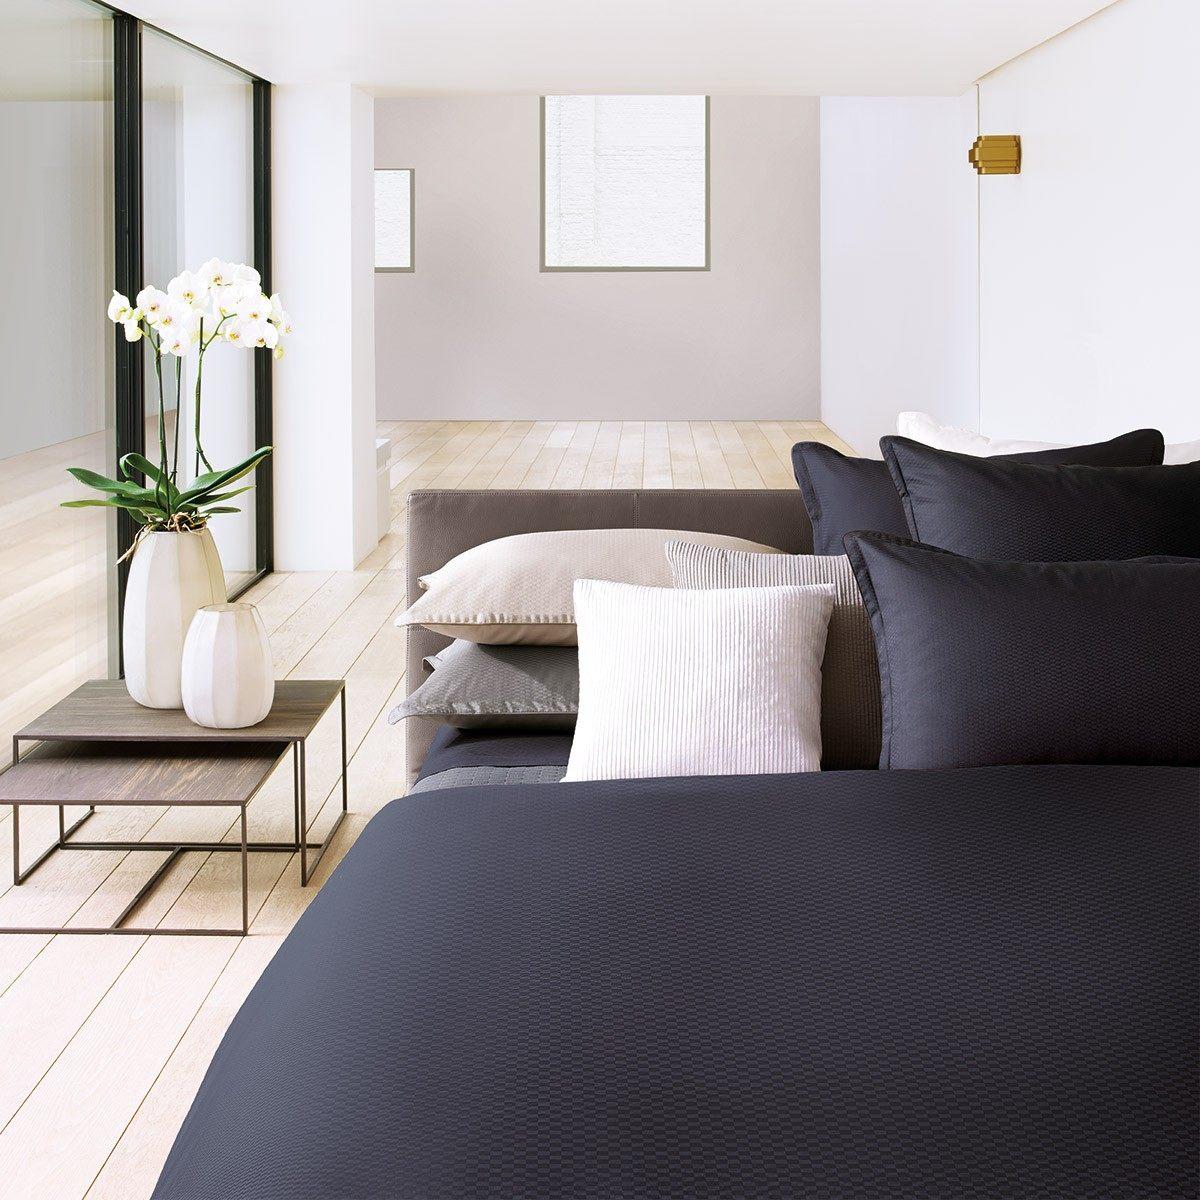 Parure de lit Hugo boss Loft Carbon Linge de lit haut de gamme